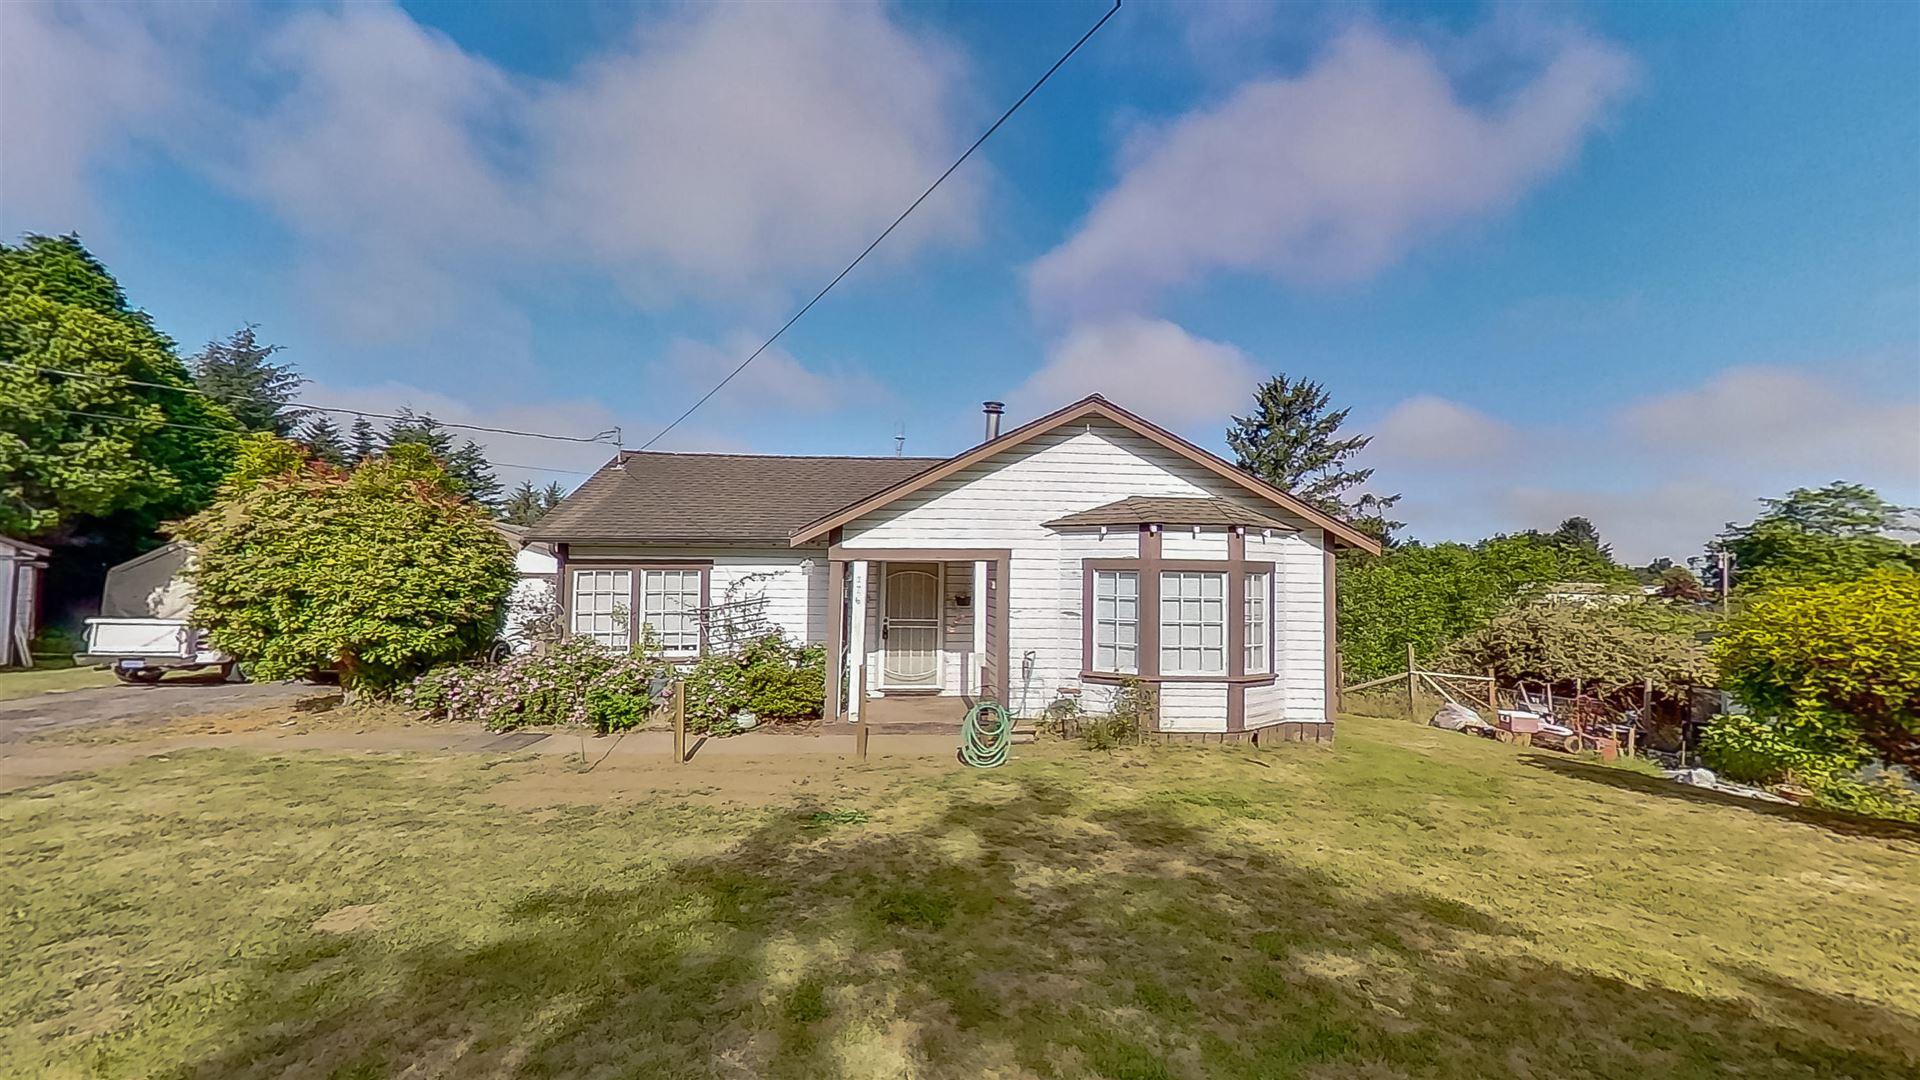 3466 Dows Prairie Road, McKinleyville, CA 95519 - MLS#: 256826